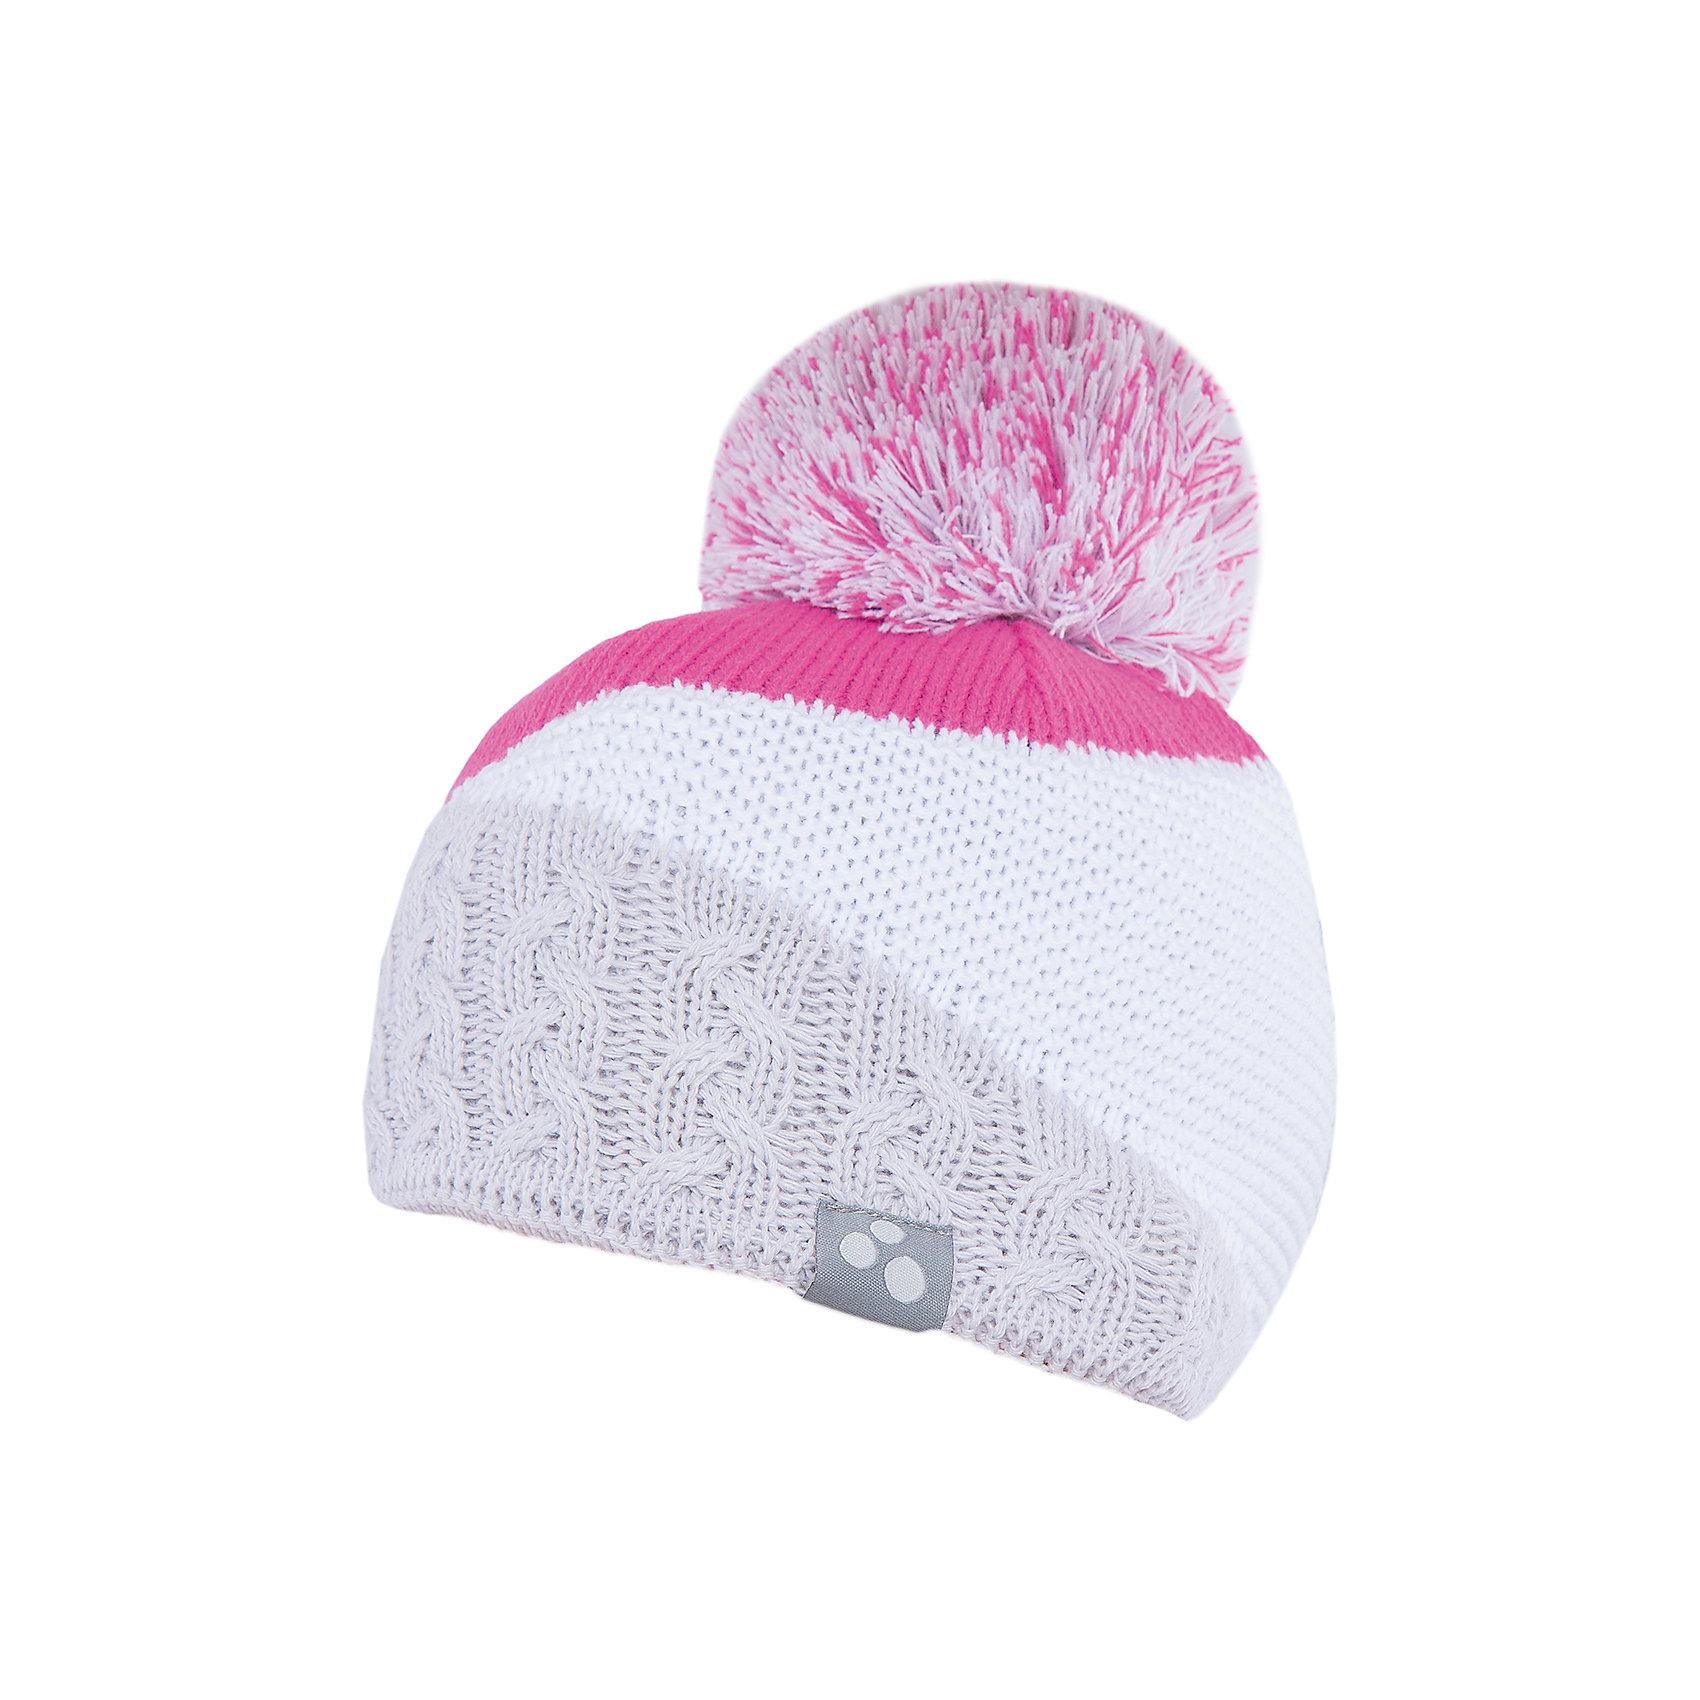 Шапка Morley HuppaВязаная шапка MORLEY Huppa(Хуппа) изготовлена из шерсти мериноса и акрила. Шапка украшена двухцветным помпоном, рисунком разрезы и вывязанными косичками по нижнему краю. На шапке присутствуют светоотражающие элементы. Отлично смотрится со спортивной одеждой.<br><br>Дополнительная информация:<br>Материал: 50% шерсть мериноса, 50% акрил<br>Цвет: белый/розовый<br><br>Вязаную шапку MORLEY Huppa(Хуппа) можно приобрести в нашем интернет-магазине.<br><br>Ширина мм: 89<br>Глубина мм: 117<br>Высота мм: 44<br>Вес г: 155<br>Цвет: серый<br>Возраст от месяцев: 84<br>Возраст до месяцев: 120<br>Пол: Женский<br>Возраст: Детский<br>Размер: 55-57,55-57,51-53<br>SKU: 4928882